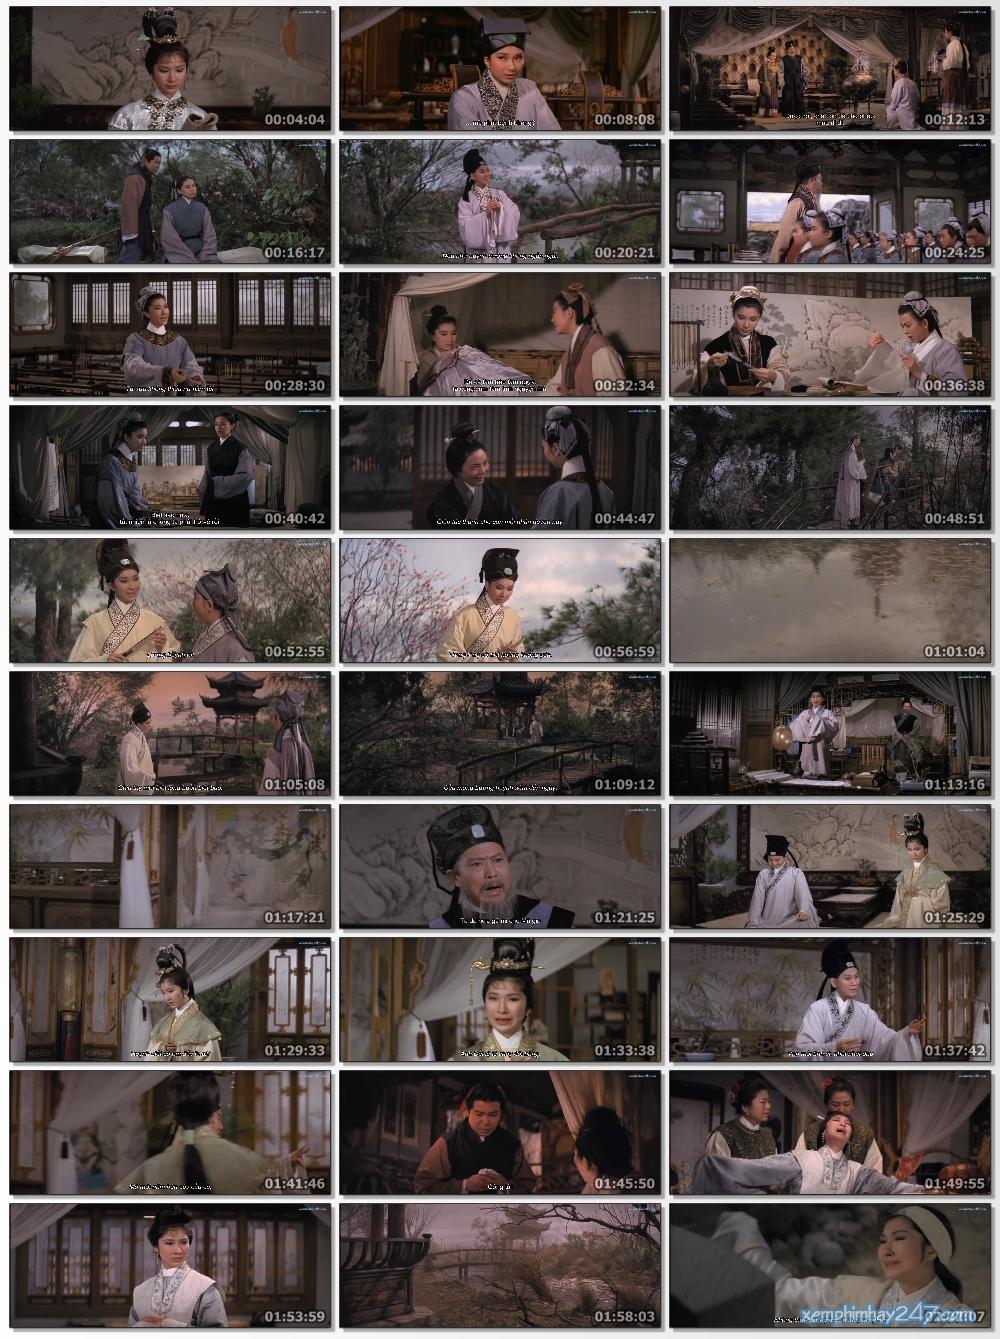 http://xemphimhay247.com - Xem phim hay 247 - Lương Sơn Bá Chúc Anh Đài (1963) - The Love Eterne (1963)